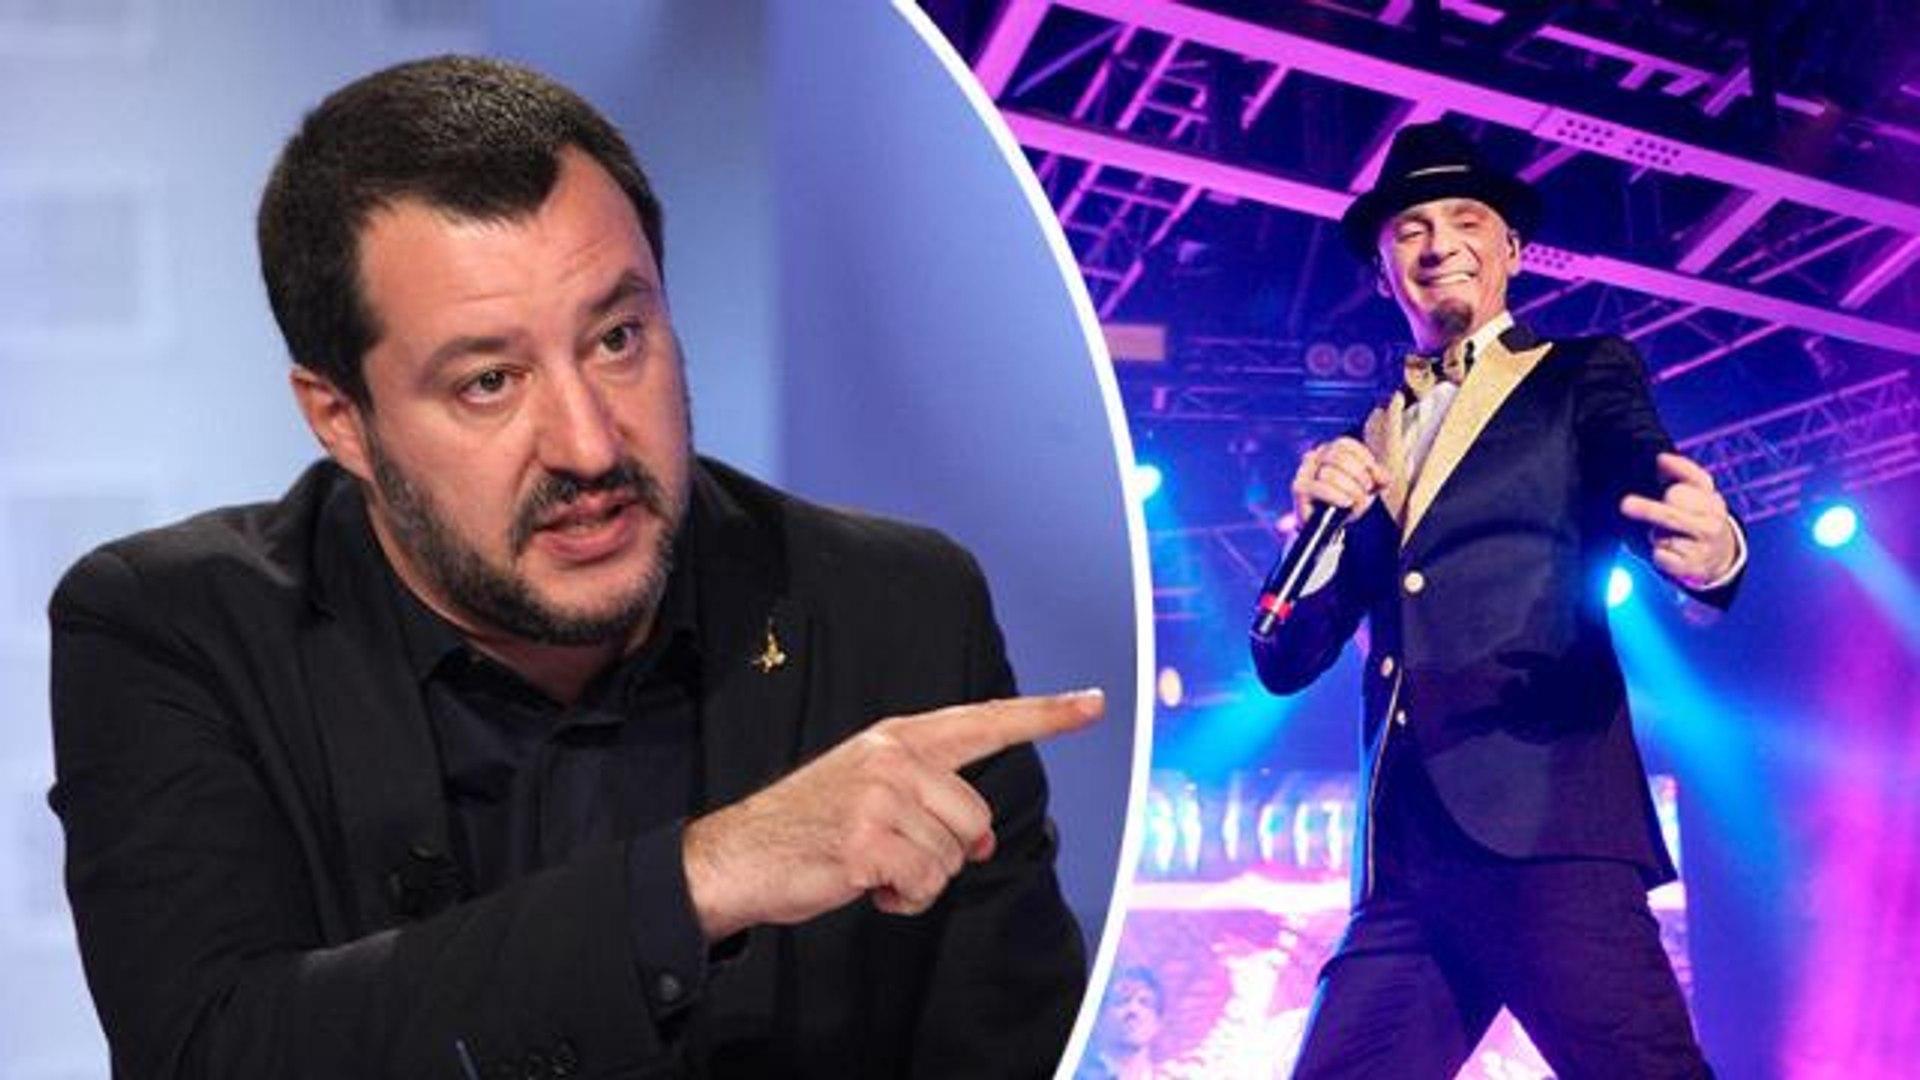 È guerra tra Matteo Salvini e JAX? Volano parole grosse tra il politico e il rapper sui social